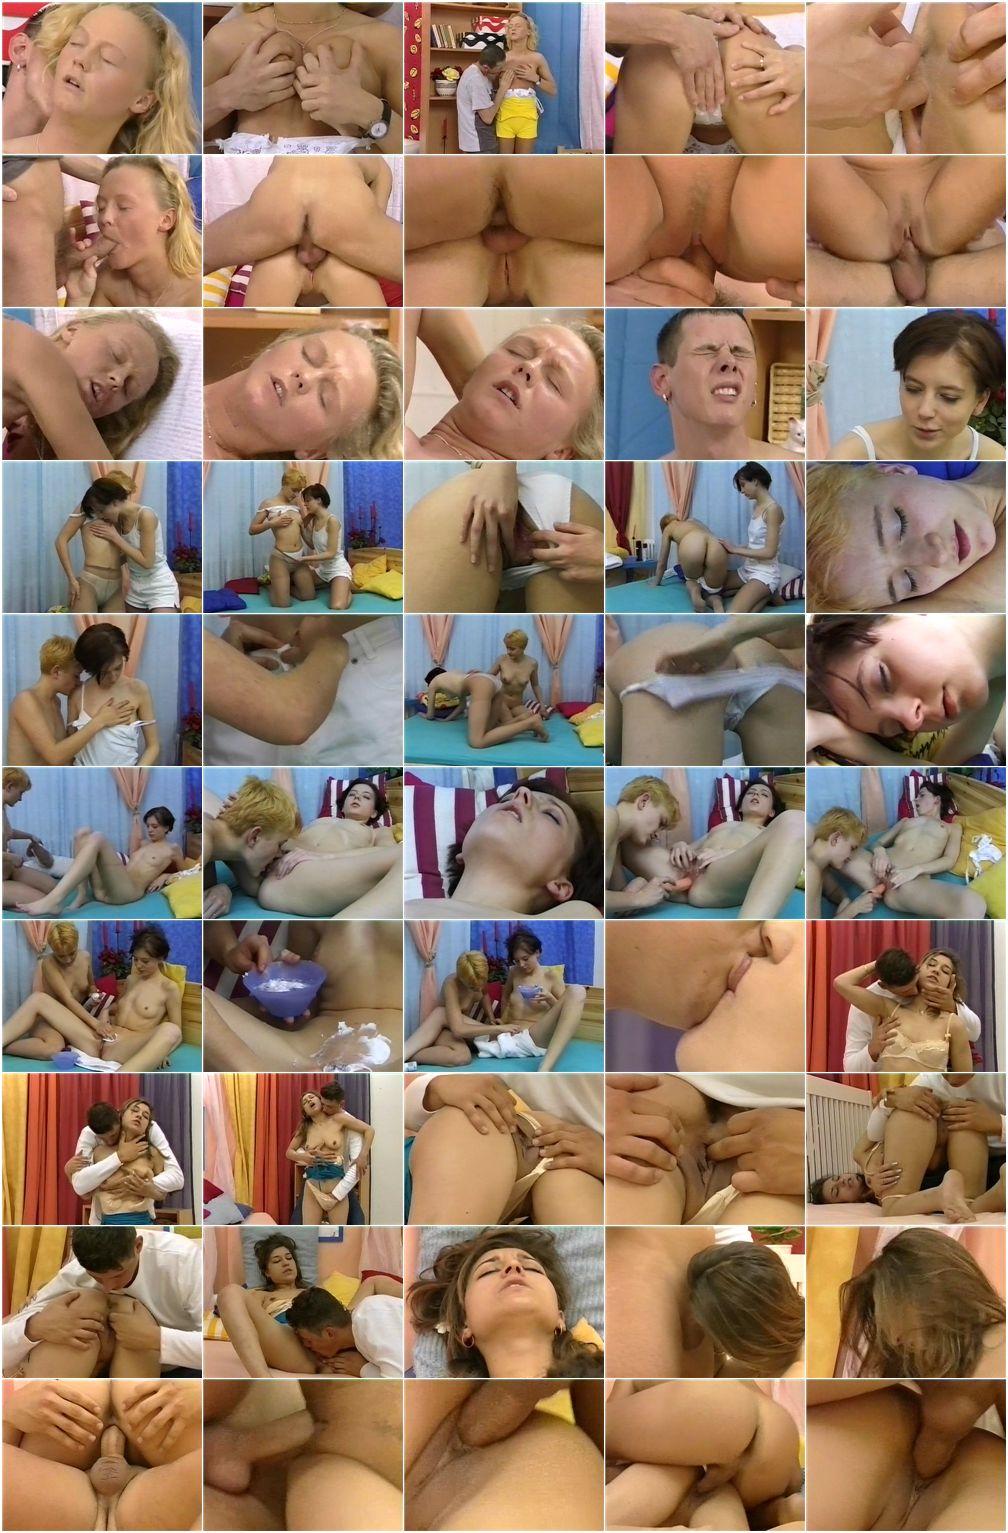 samiy-hrenoviy-pornofilm